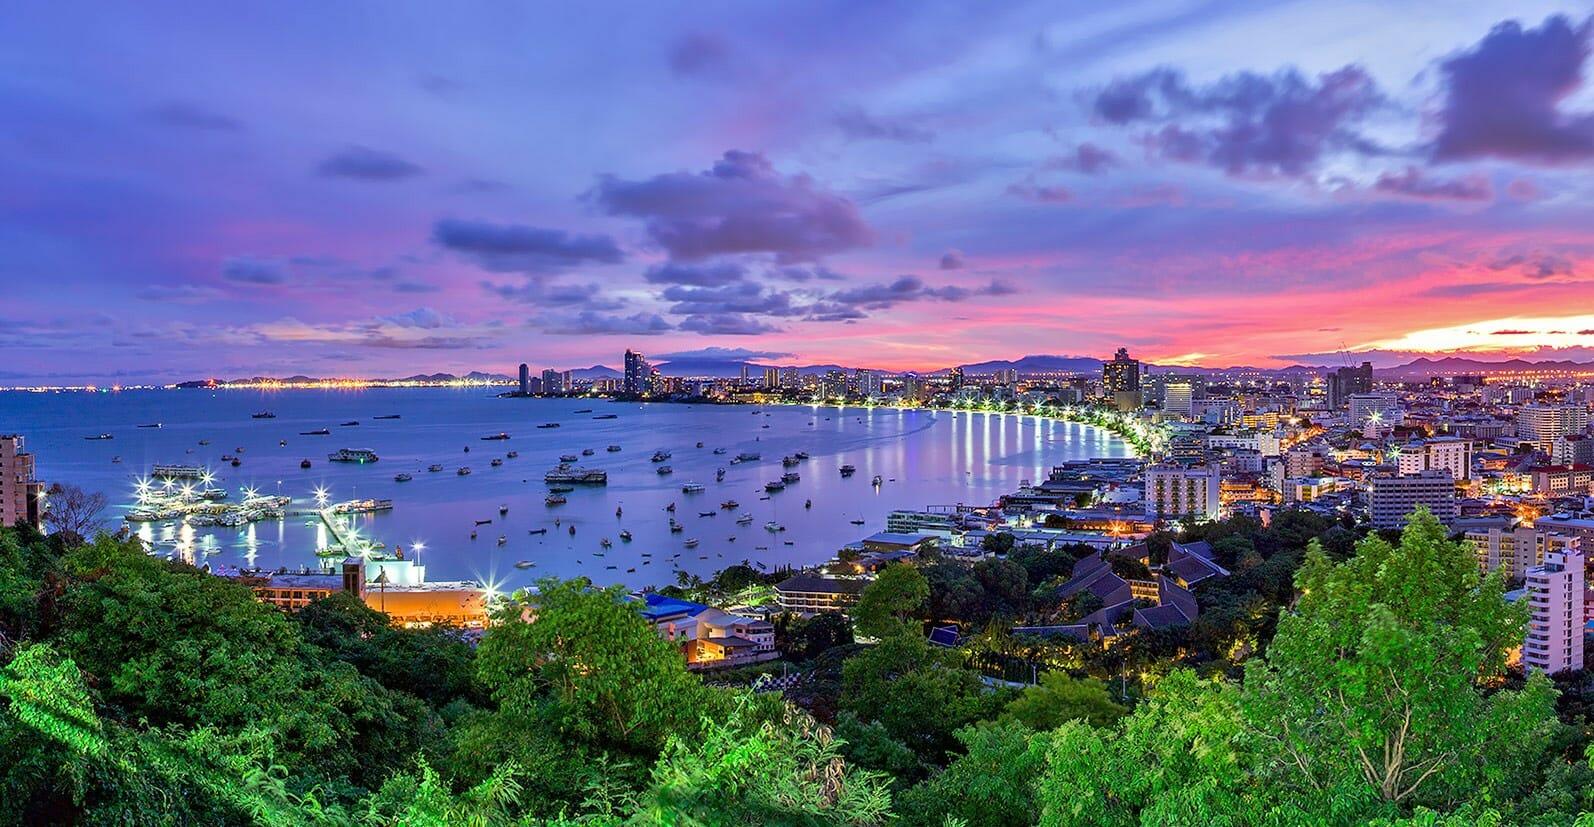 أفضل معالم الجذب في بتايا تايلاند